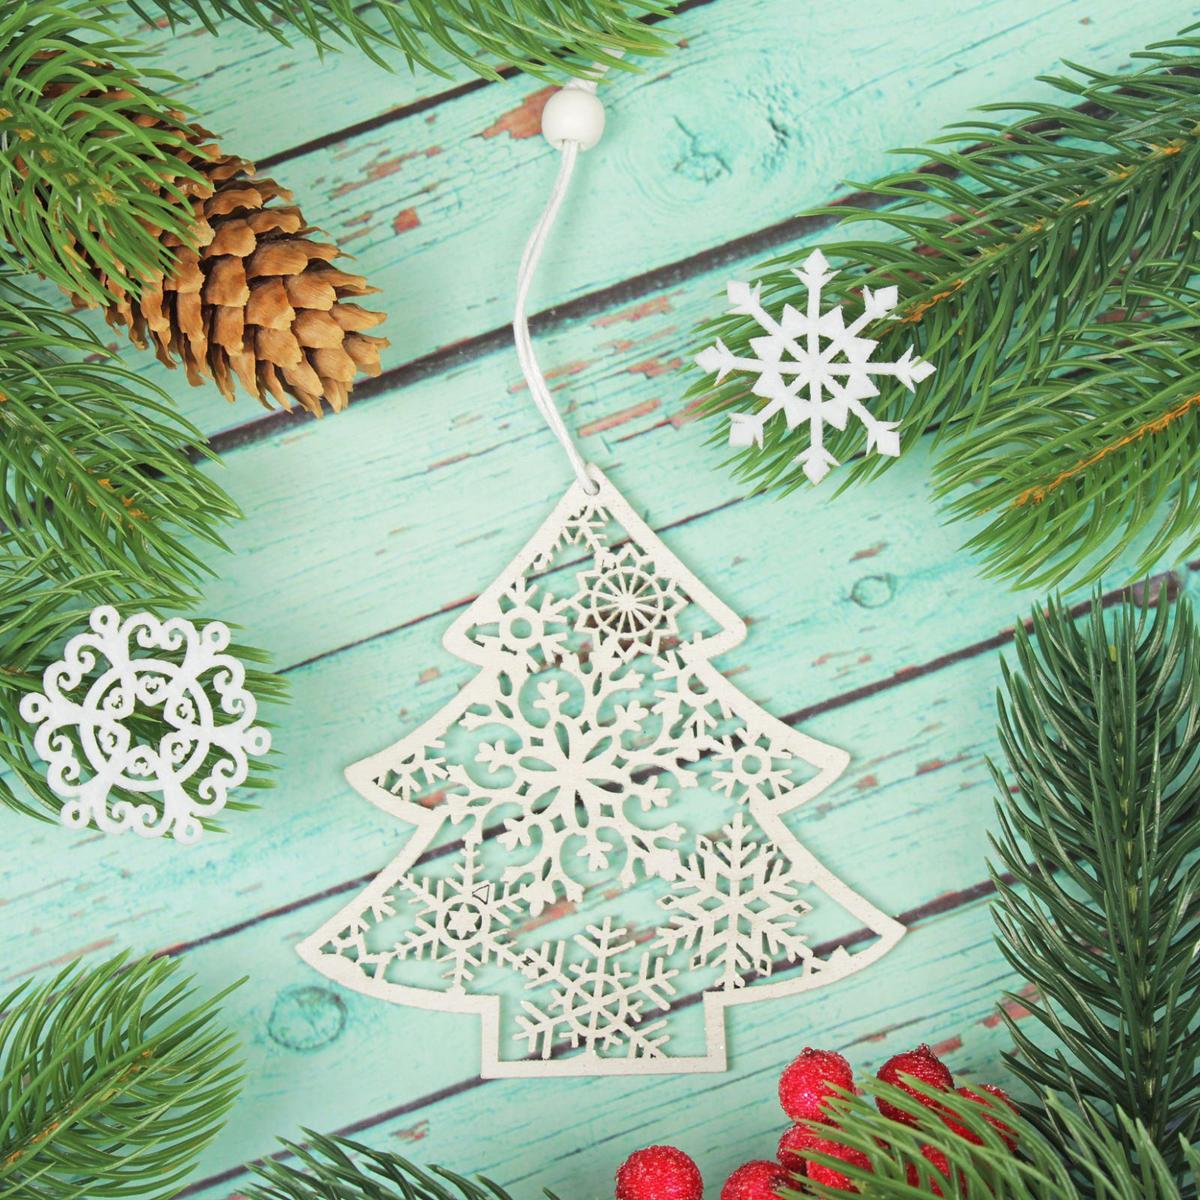 Украшение новогоднее подвесное Елочка в блестках2303462Новогоднее украшение, выполненное из дерева, отлично подойдет для декорации вашего дома и новогодней ели. С помощью специальной петельки украшение можно повесить в любом понравившемся вам месте. Но, конечно, удачнее всего оно будет смотреться на праздничной елке.Елочная игрушка - символ Нового года. Она несет в себе волшебство и красоту праздника. Такое украшение создаст в вашем доме атмосферу праздника, веселья и радости.